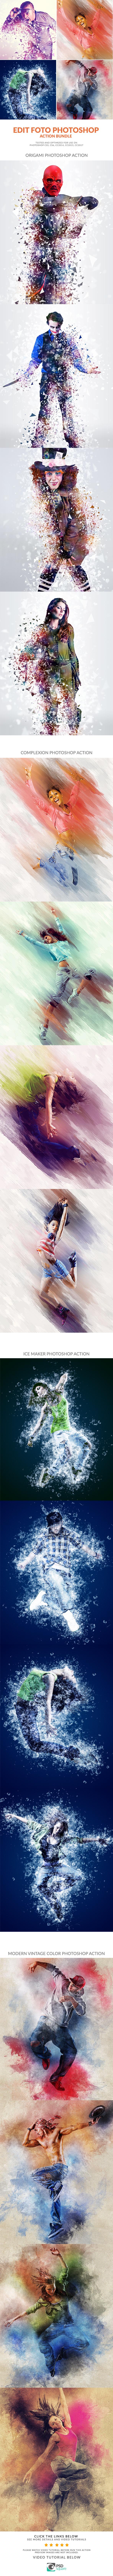 Edit Foto Photoshop Action Bundle - Photo Effects Actions